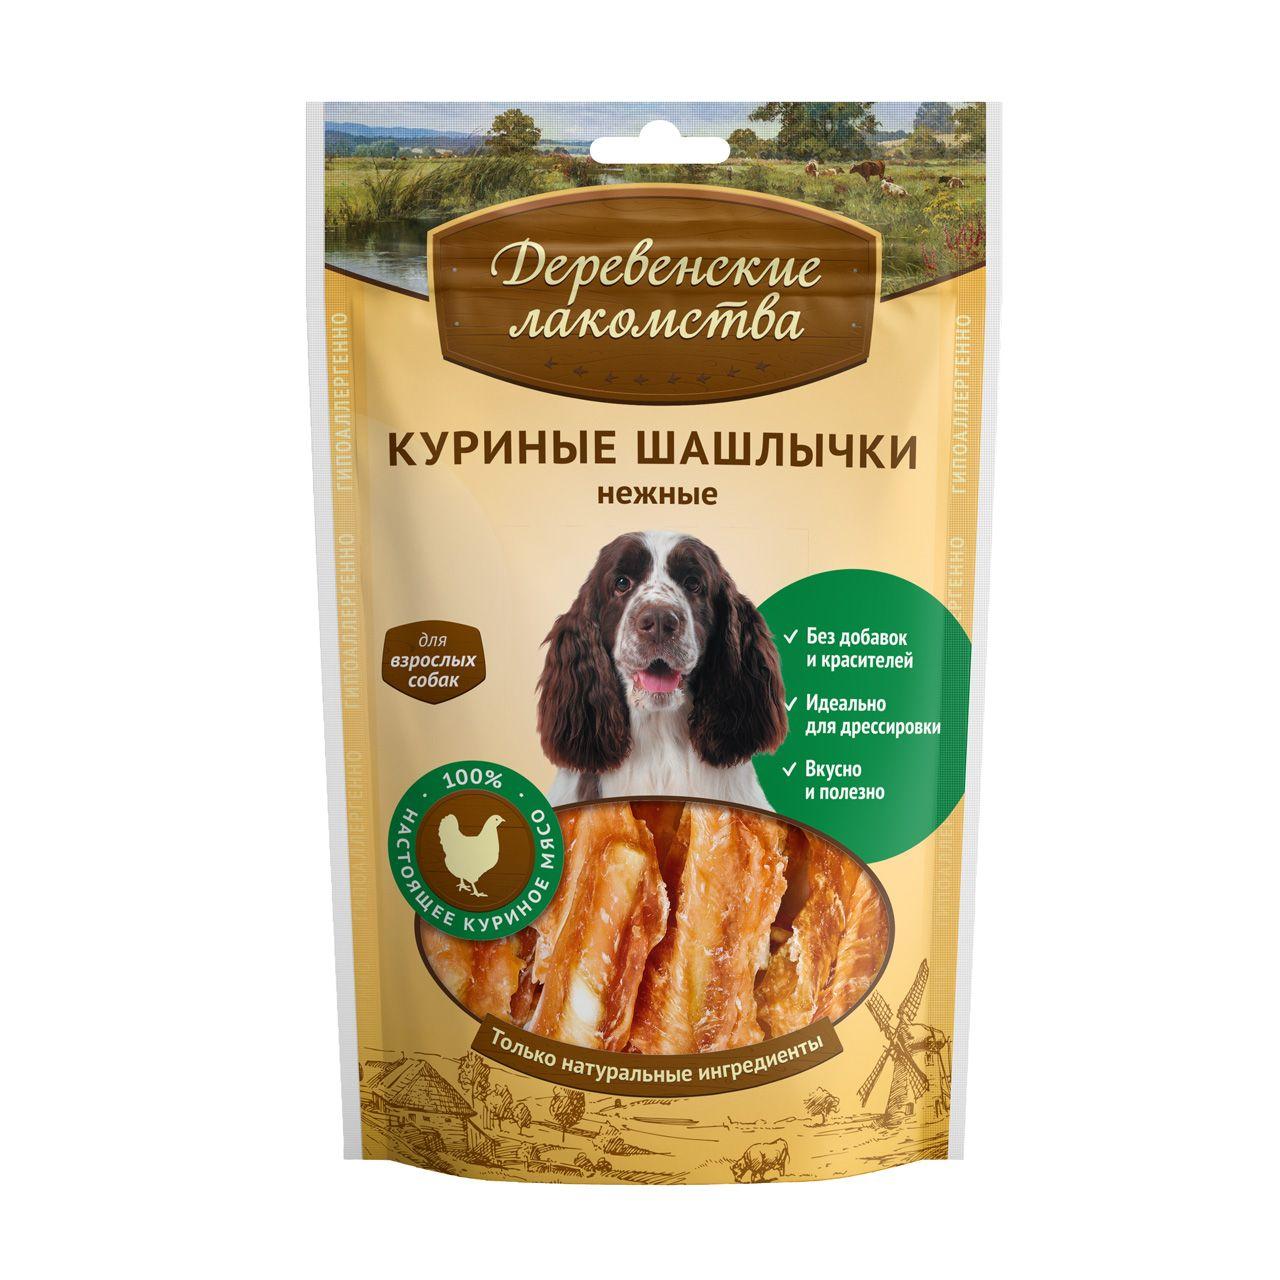 Куриные шашлычки Деревенские лакомства нежные для собак